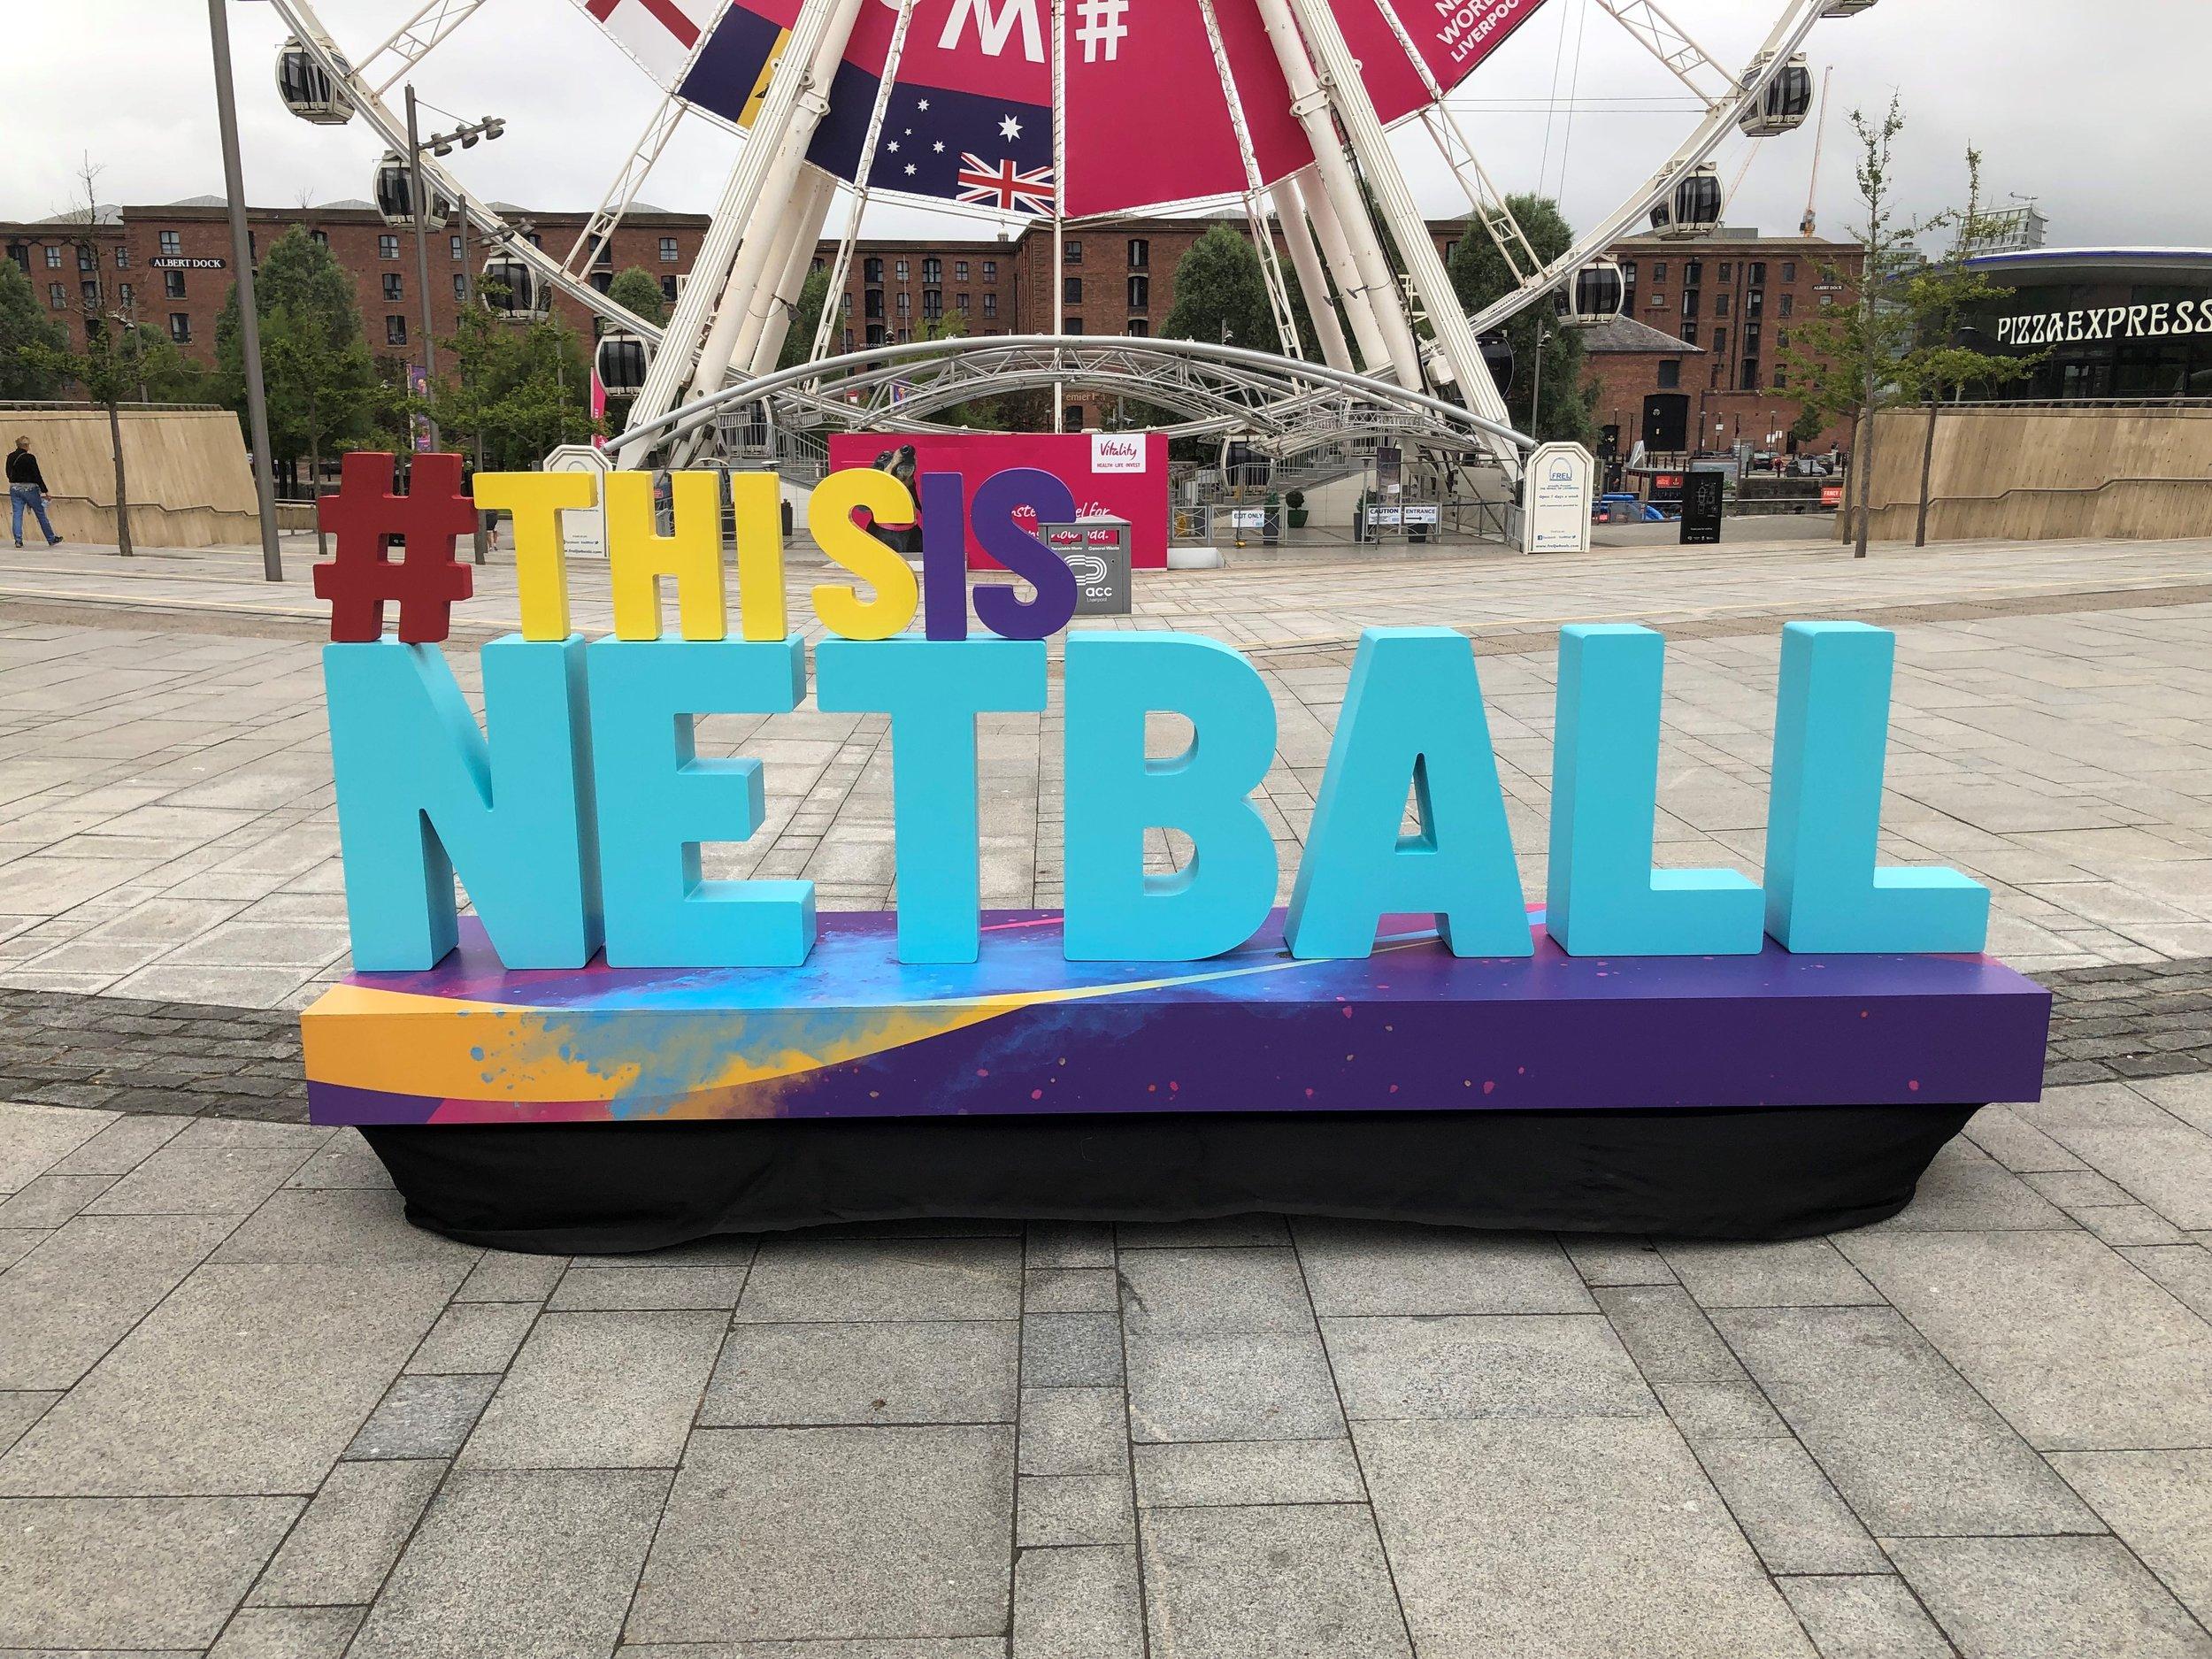 Netball Sign.jpg